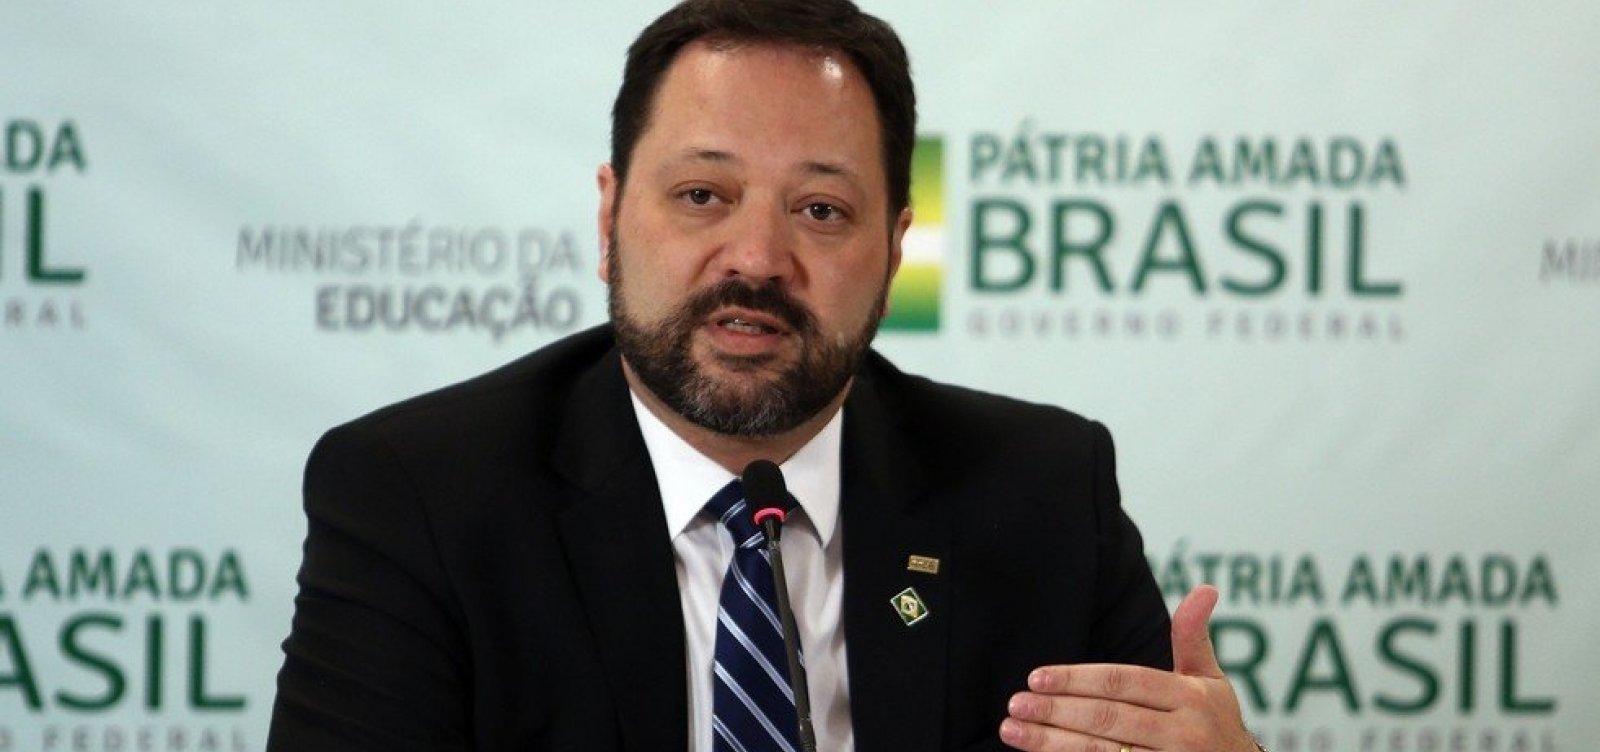 [Gabarito do Enem foi mudado porque tinha um erro, não por questão de racismo, diz presidente do Inep]